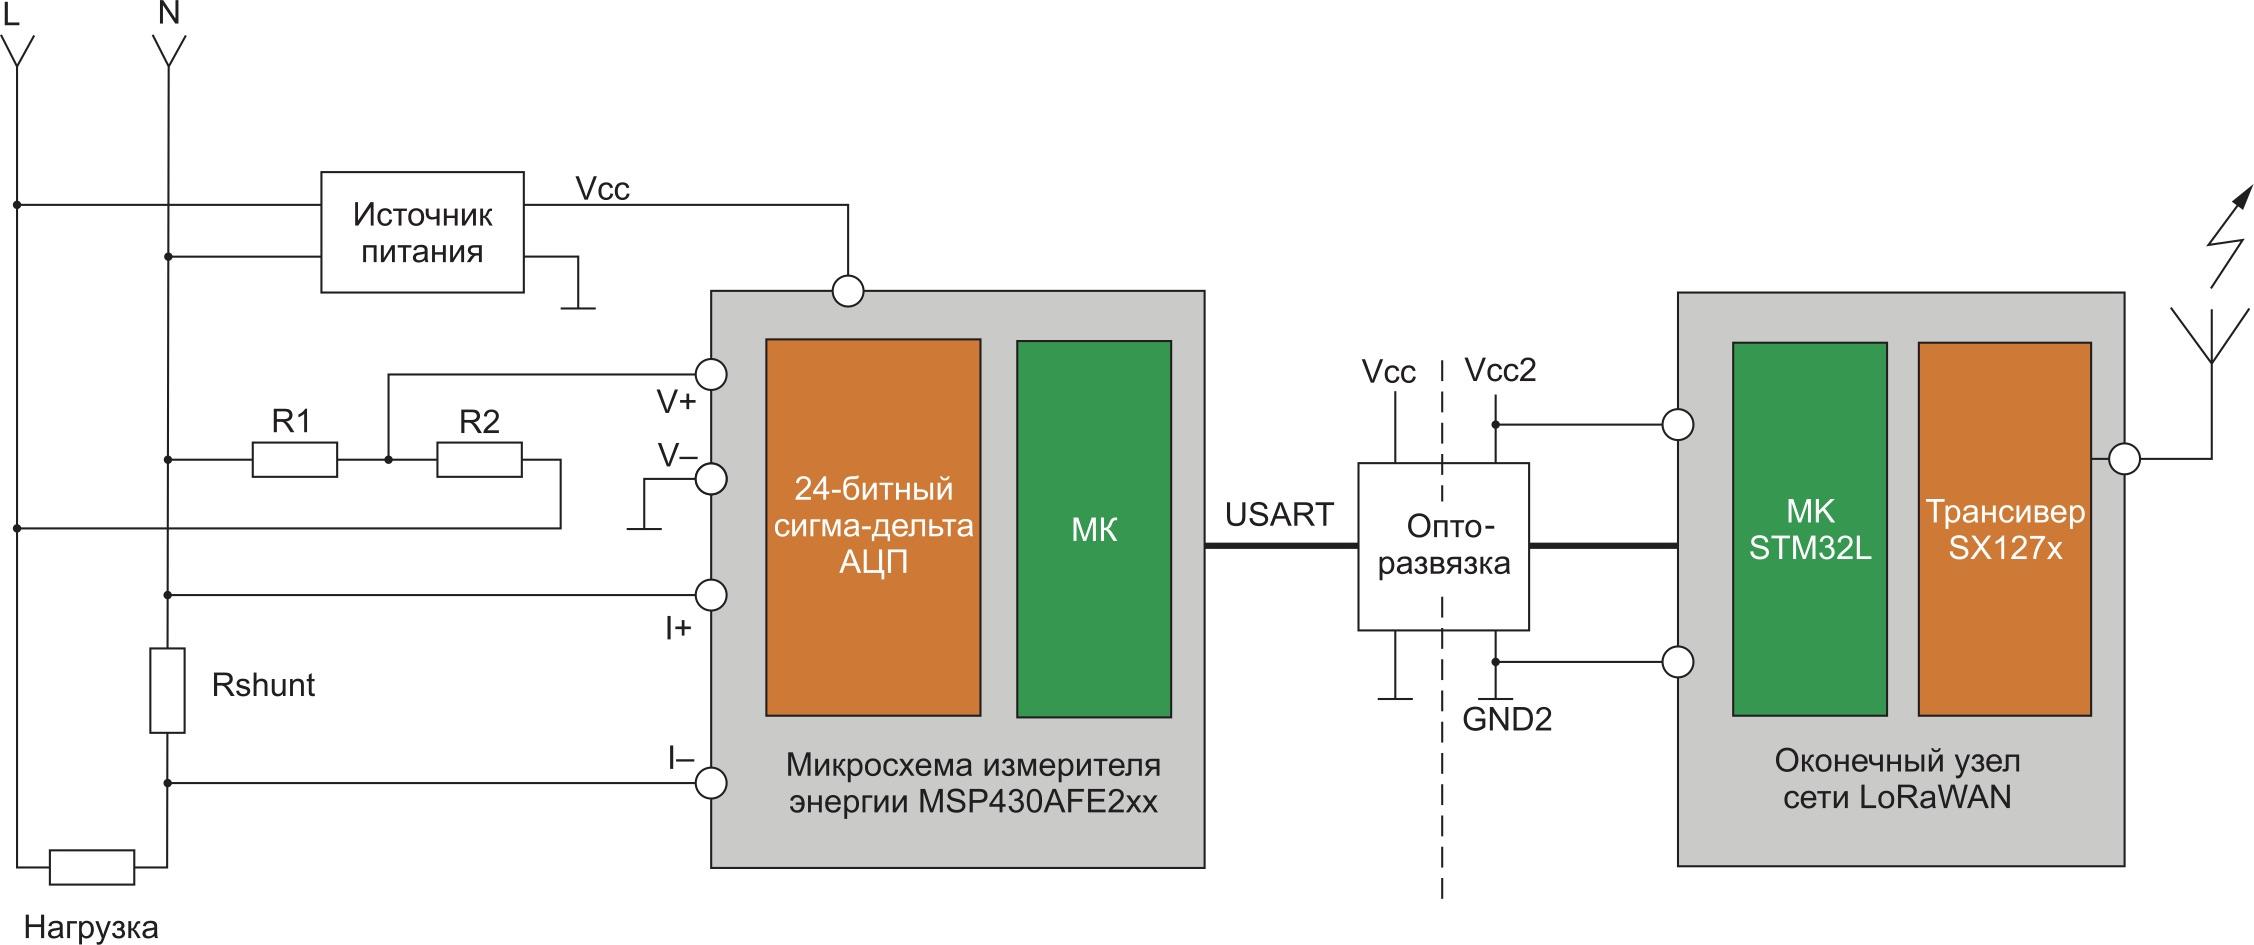 Возможный способ подключения LoRa-узла к счетчику электроэнергии